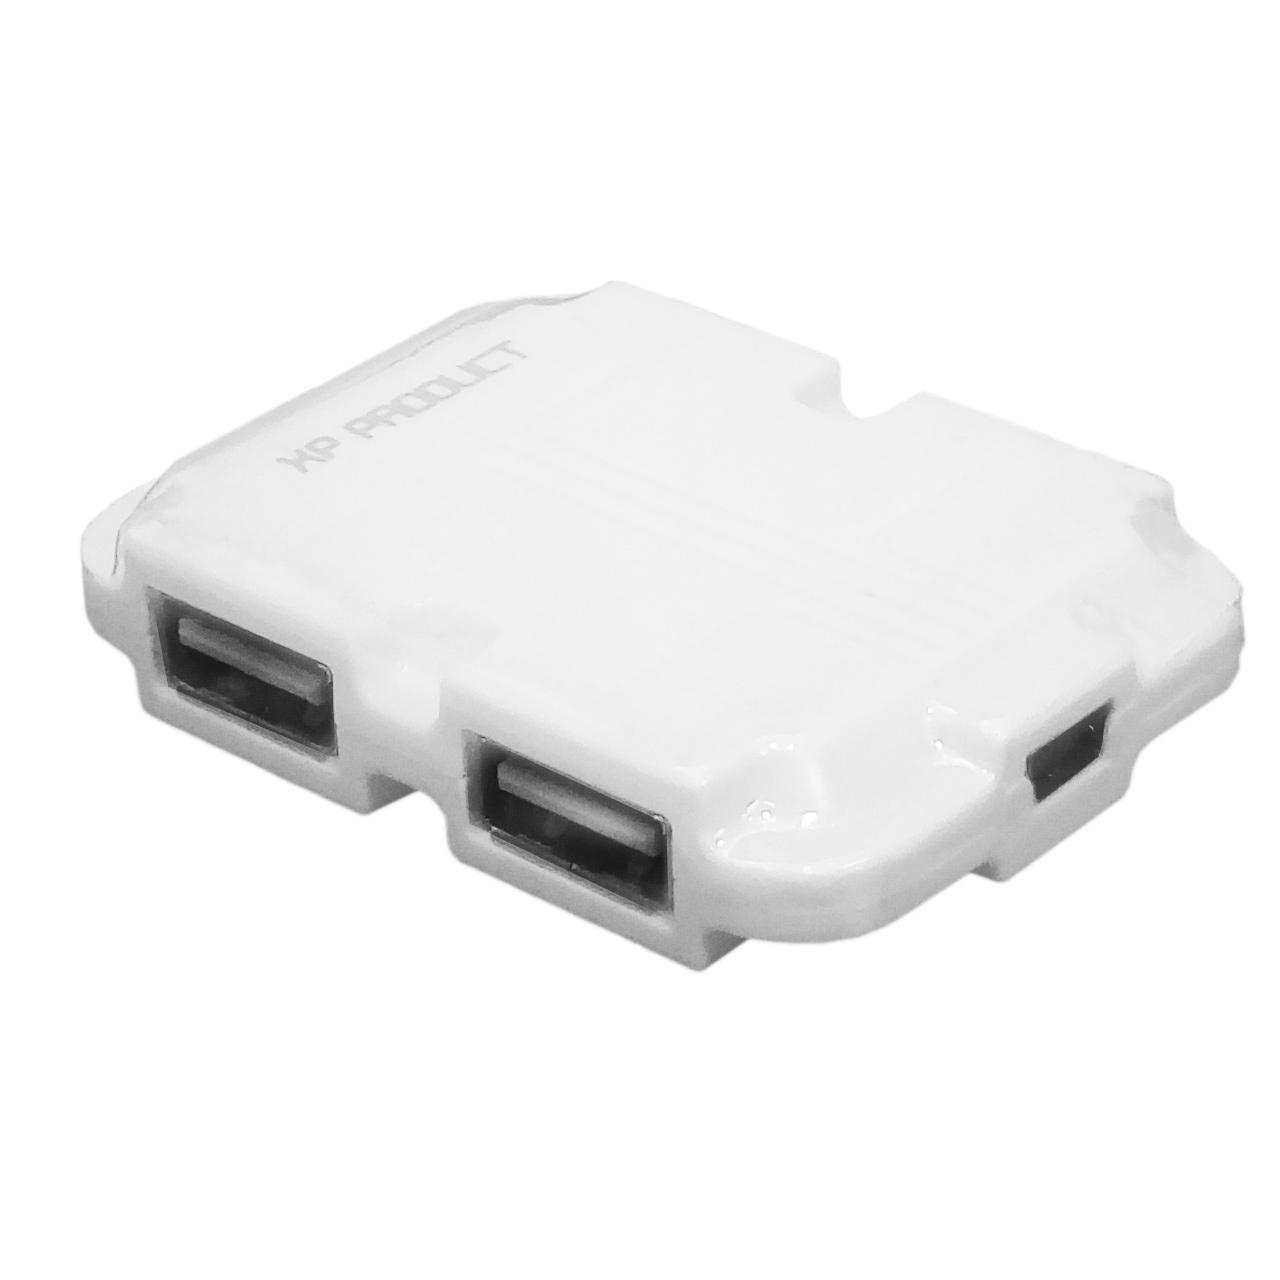 هاب چهار پورت USB ایکس پی پروداکت مدل XP-807